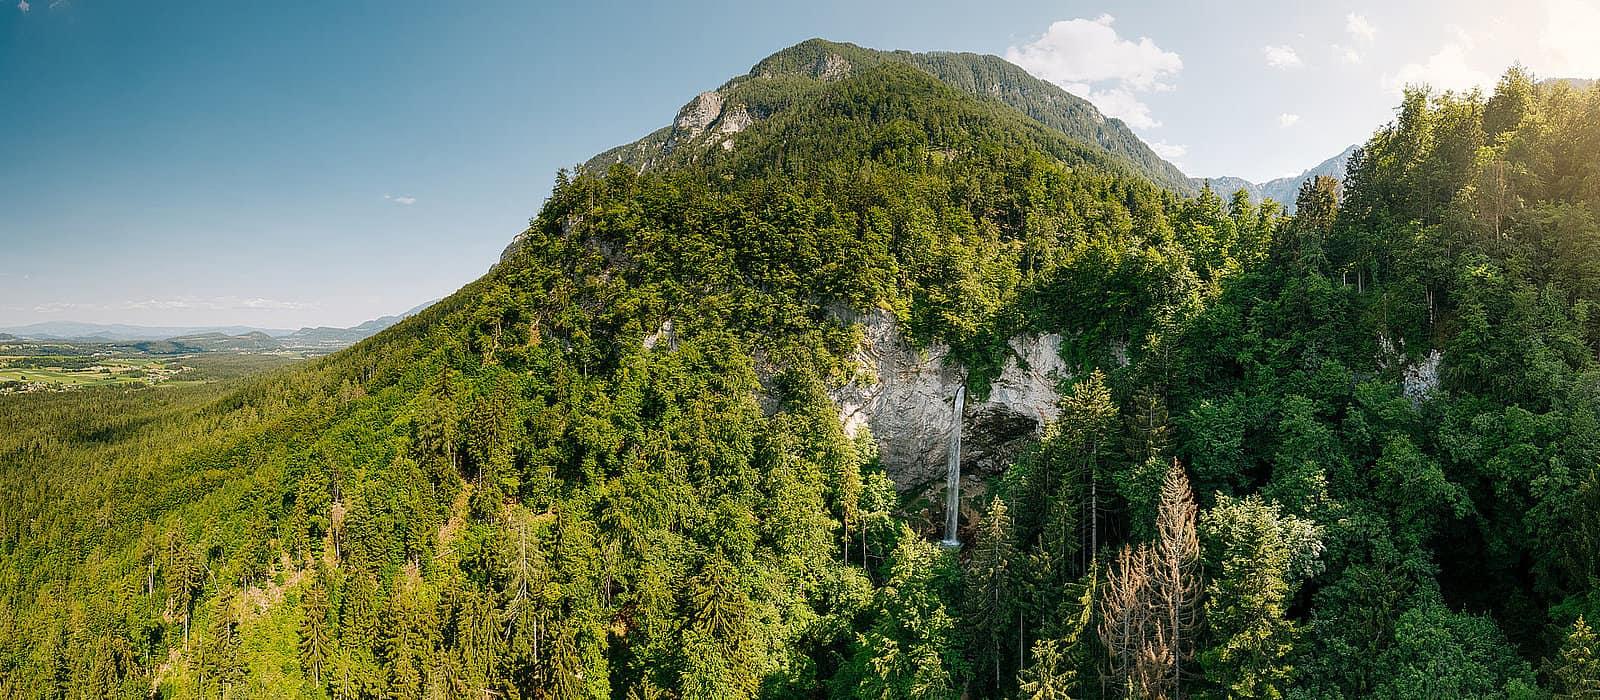 Wildensteiner Wasserfall und Blick über Urlaubsregion Klopeinersee in Kärnten - Urlaubsregion in Österreich